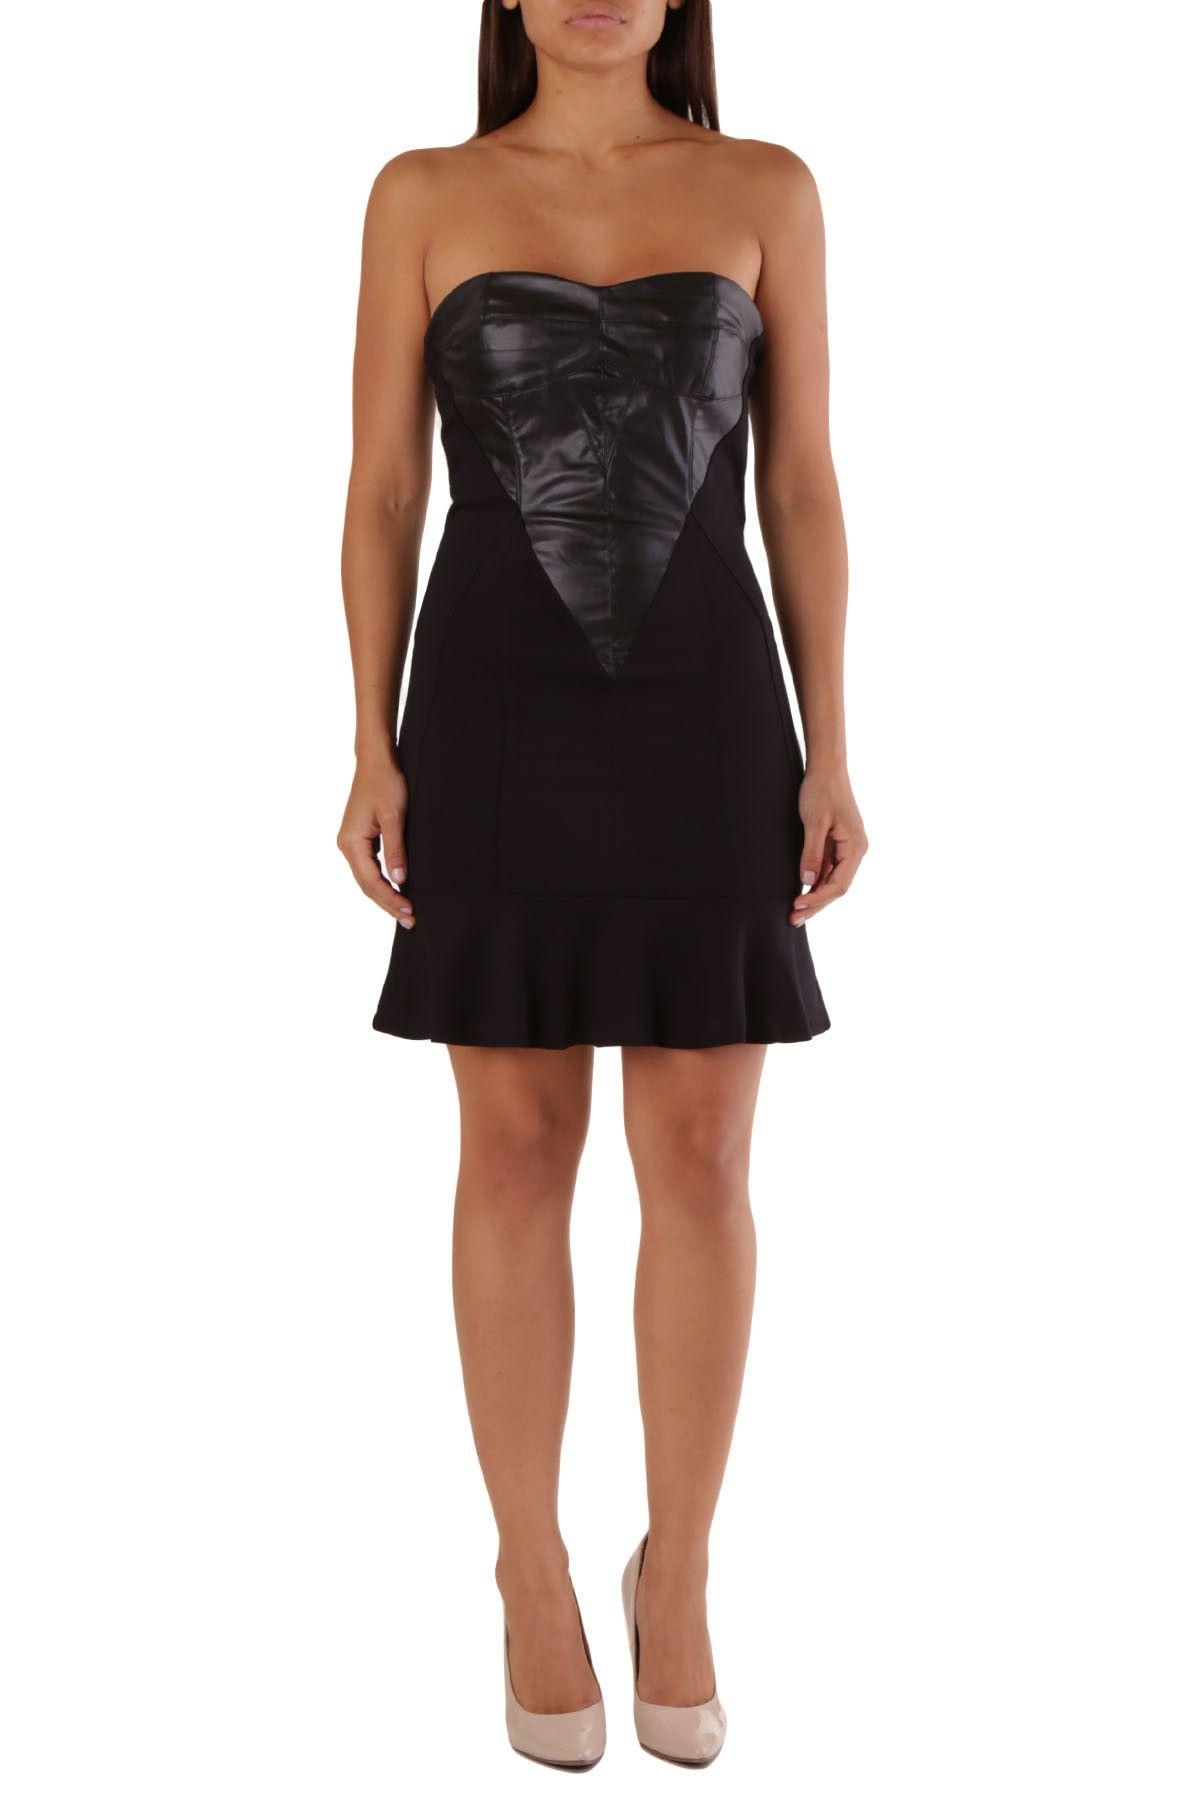 Met Women's Dress In Black